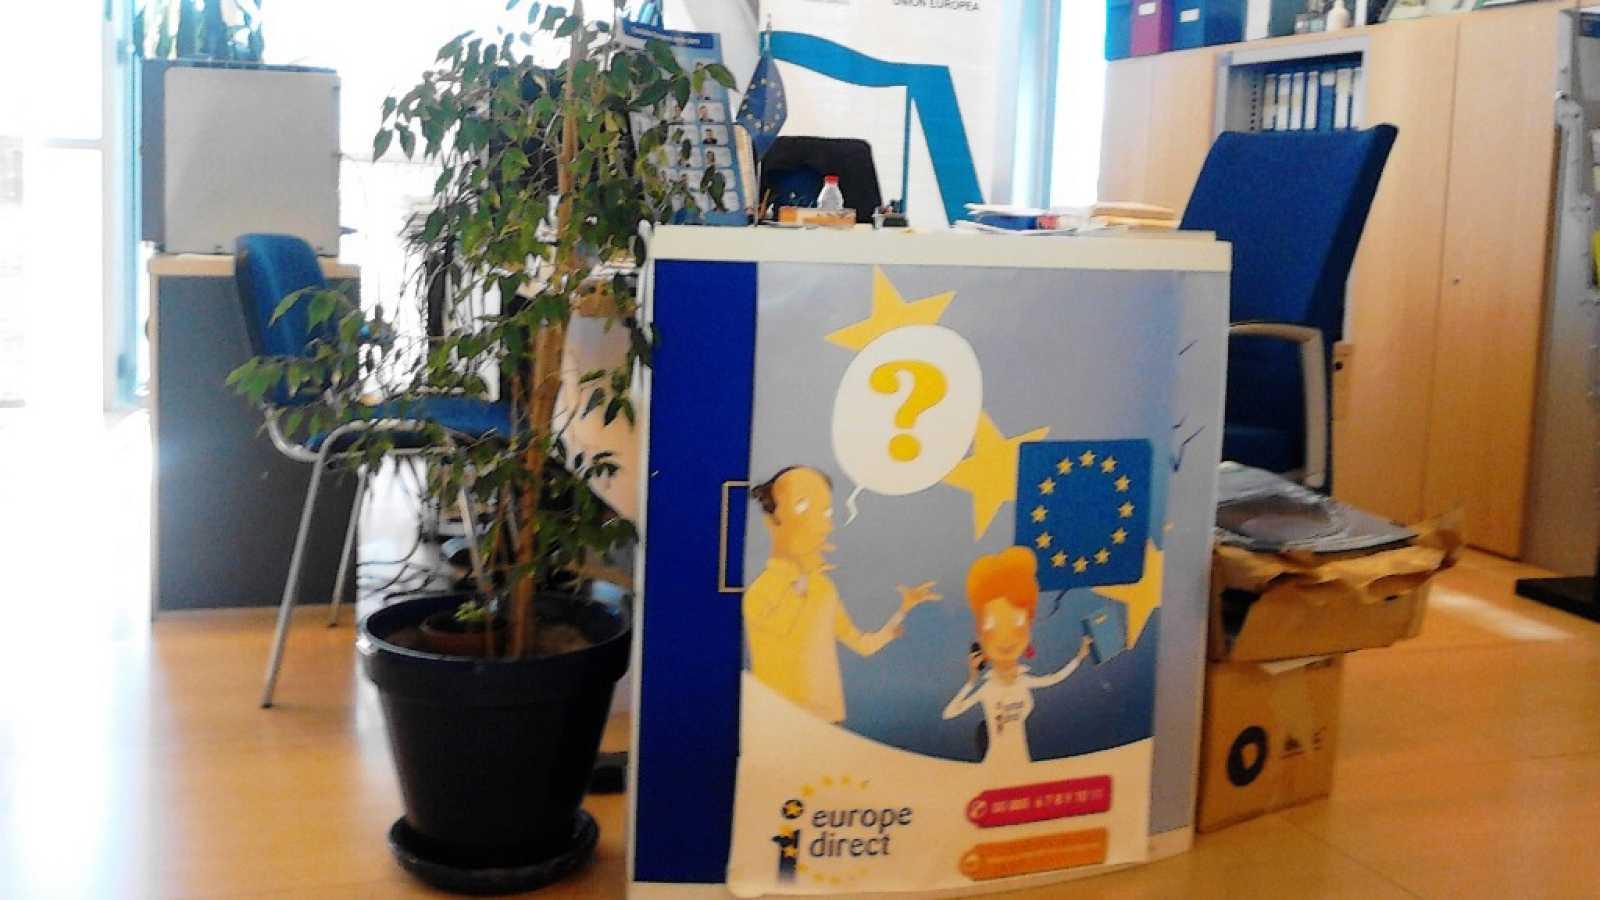 Europa abierta - Centros Europe Direct renovados para acercar más la UE - escuchar ahora